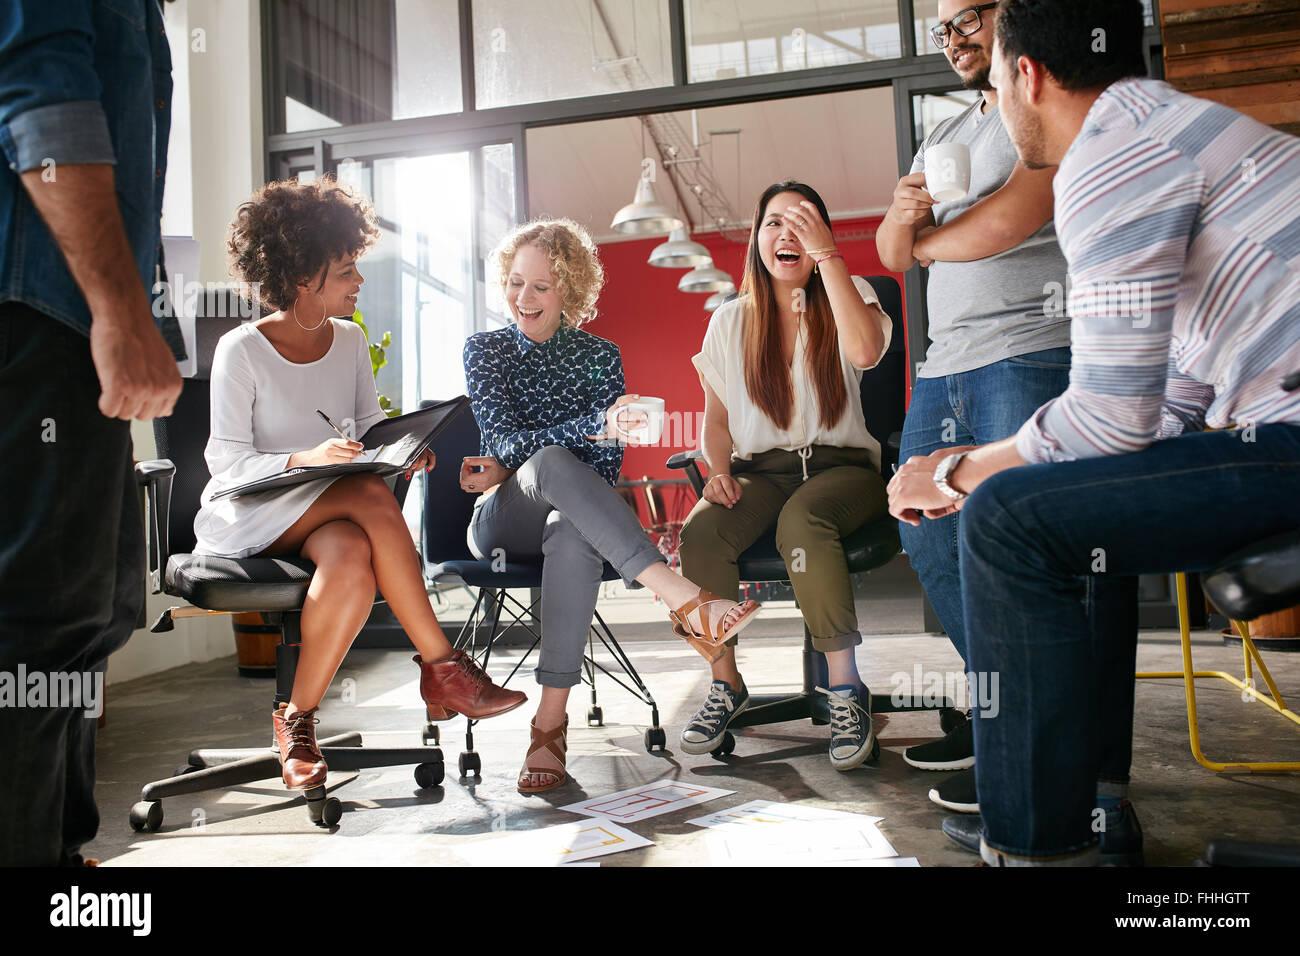 Aufnahme einer Gruppe von jungen Geschäftsleute mit einem treffen. Heterogene Gruppe von jungen Designern, Stockbild